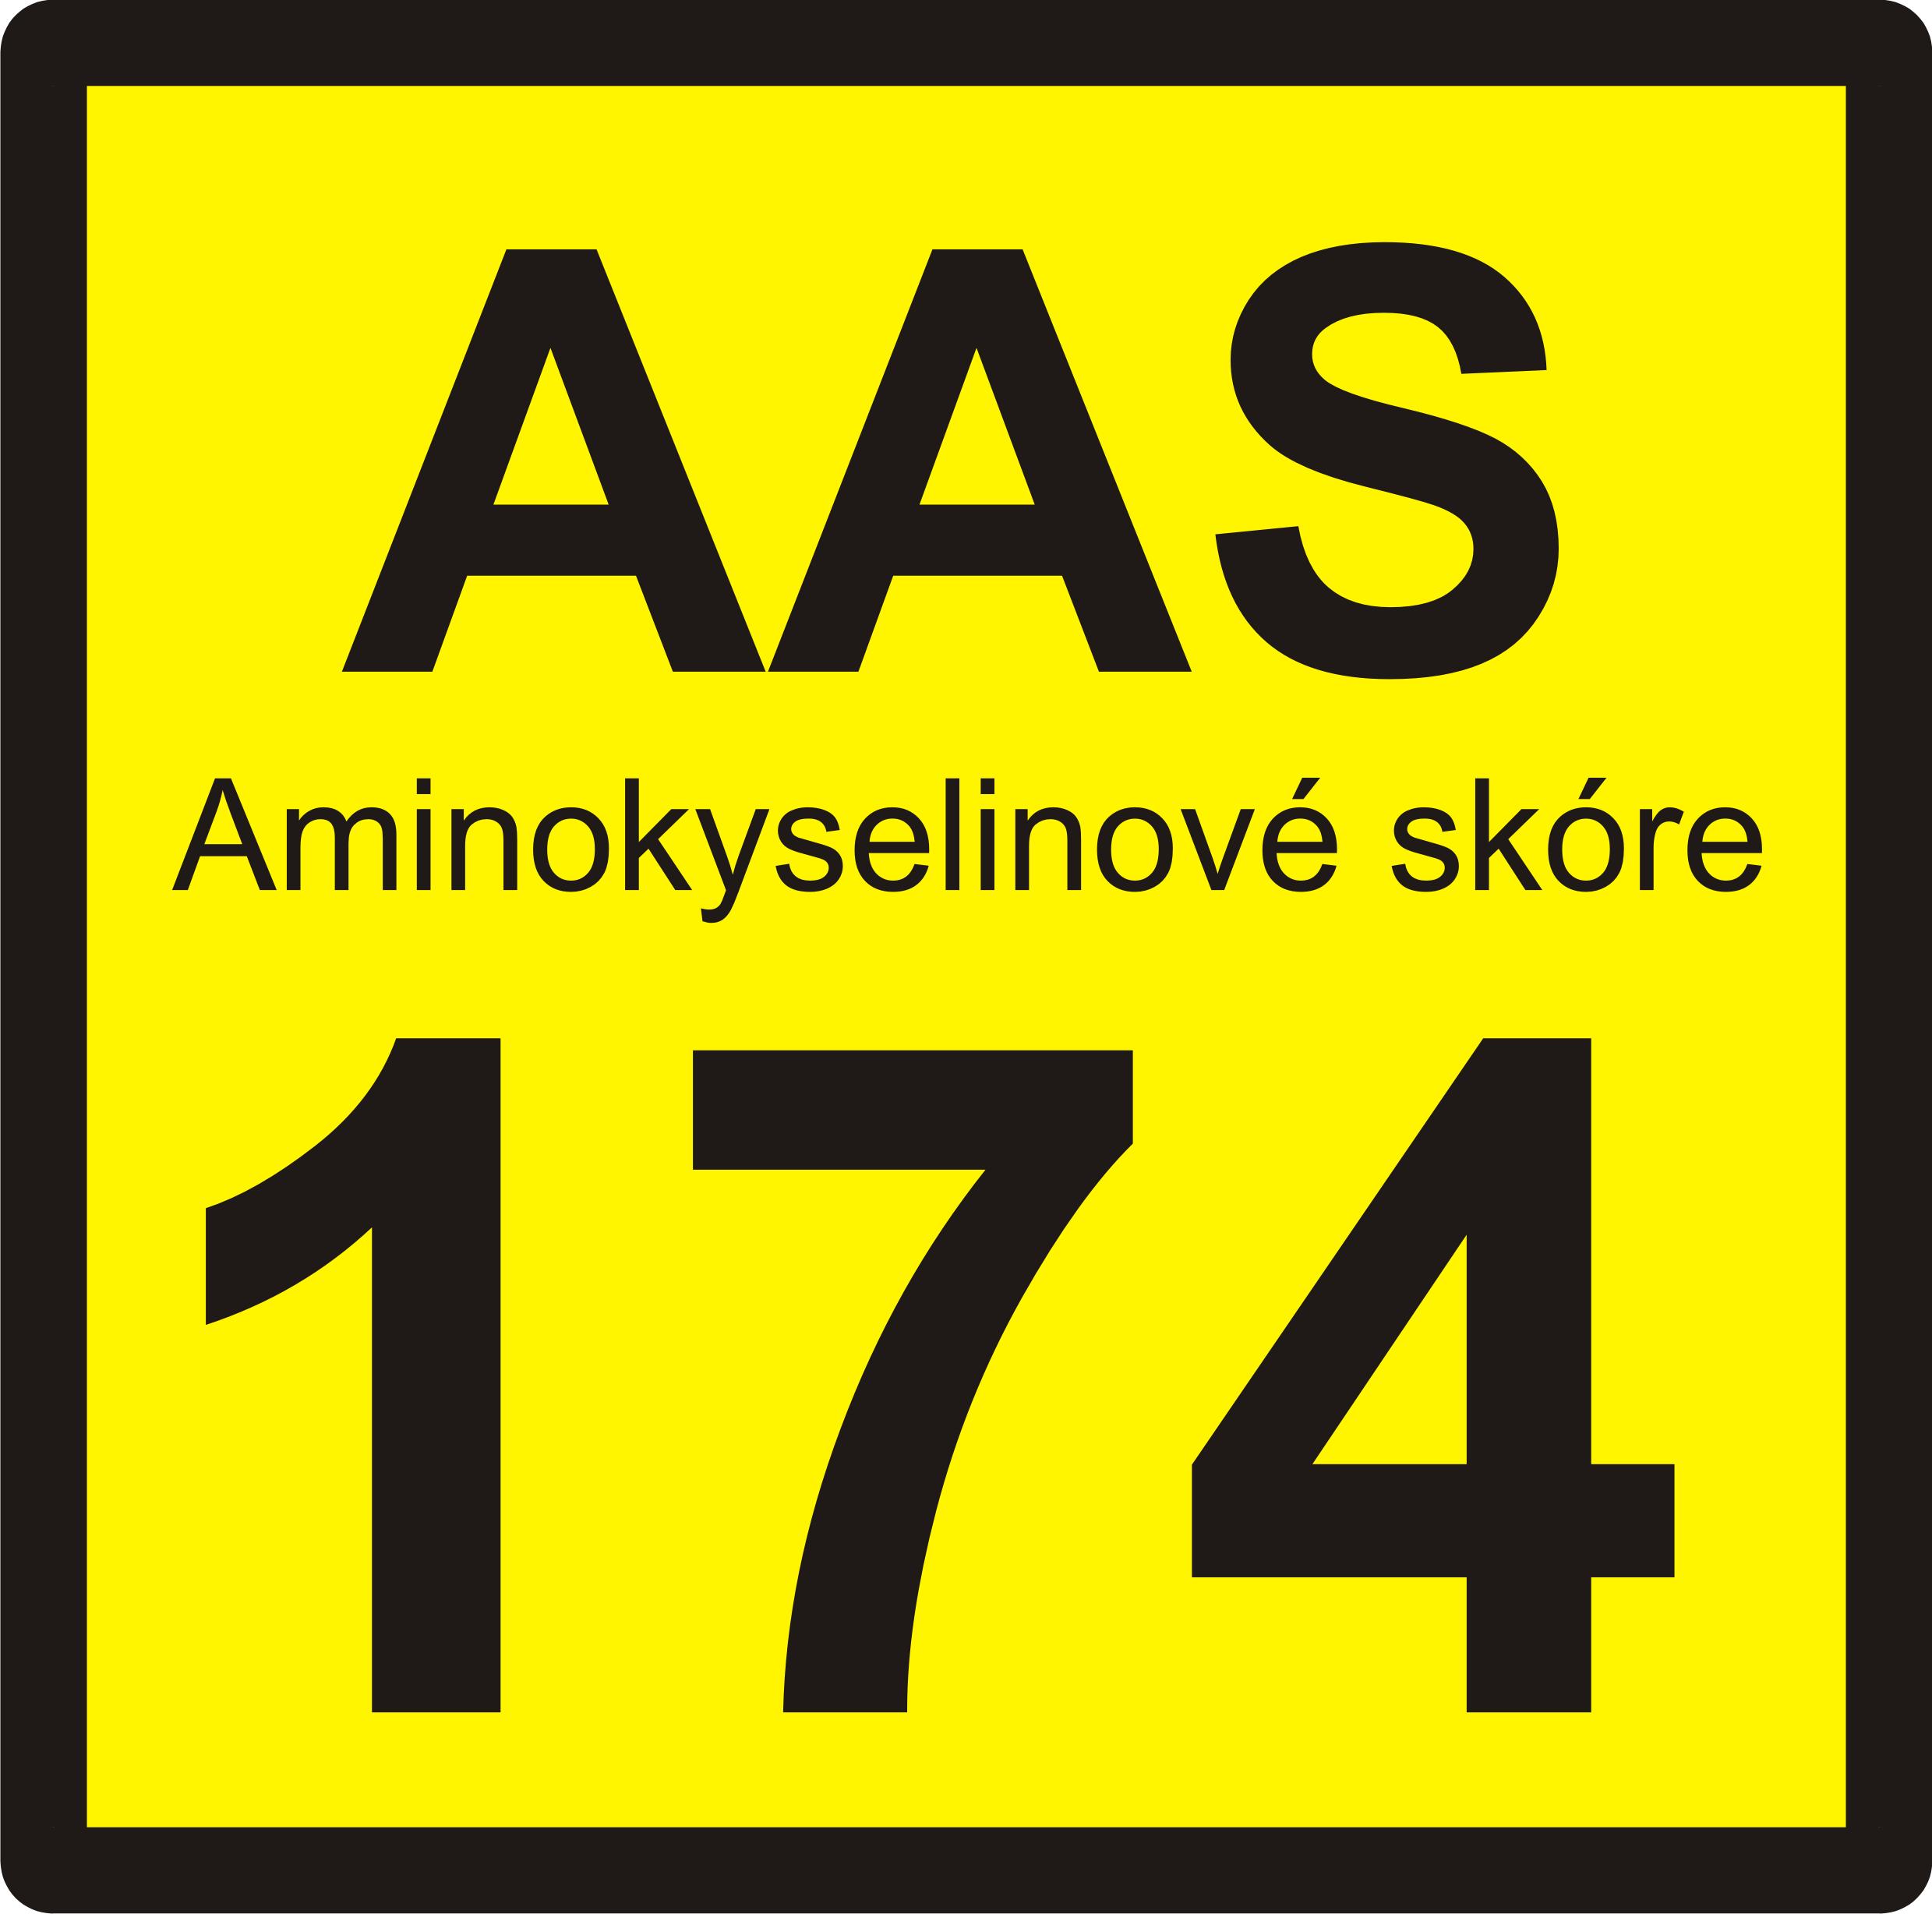 aminokyselinové skóre174